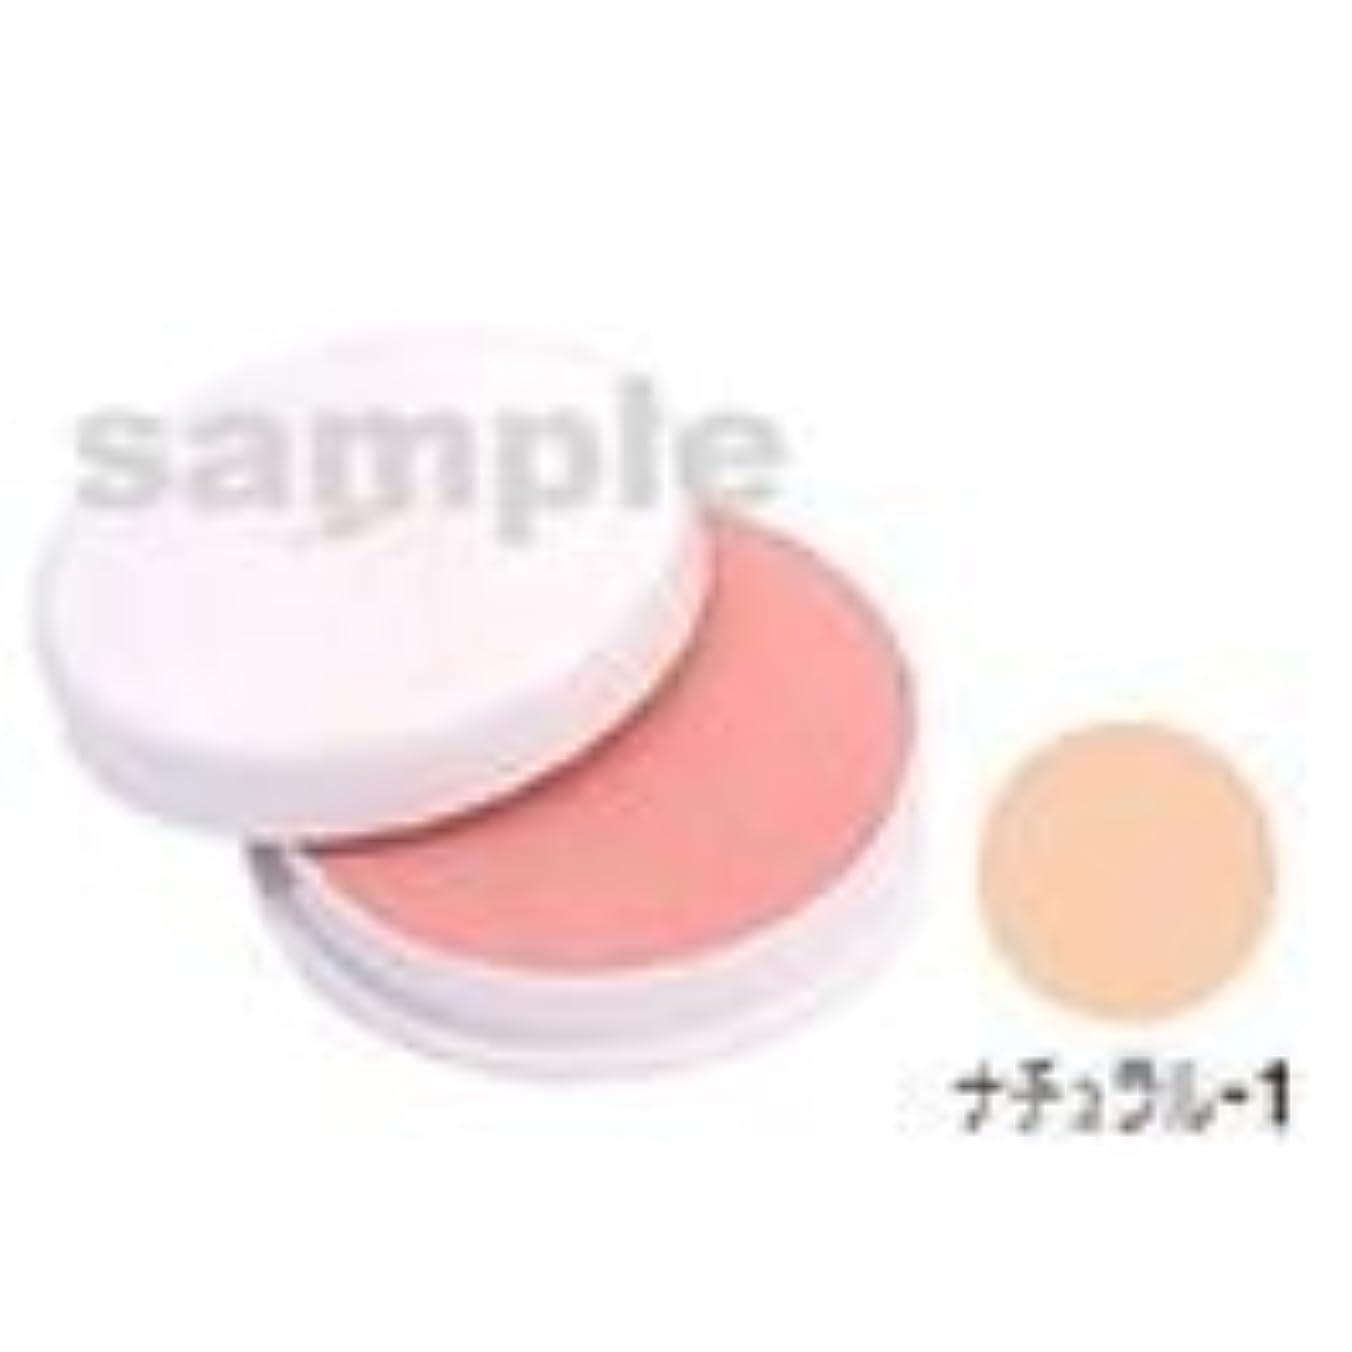 見習い爵モバイル三善 フェースケーキ ナチュラル-1